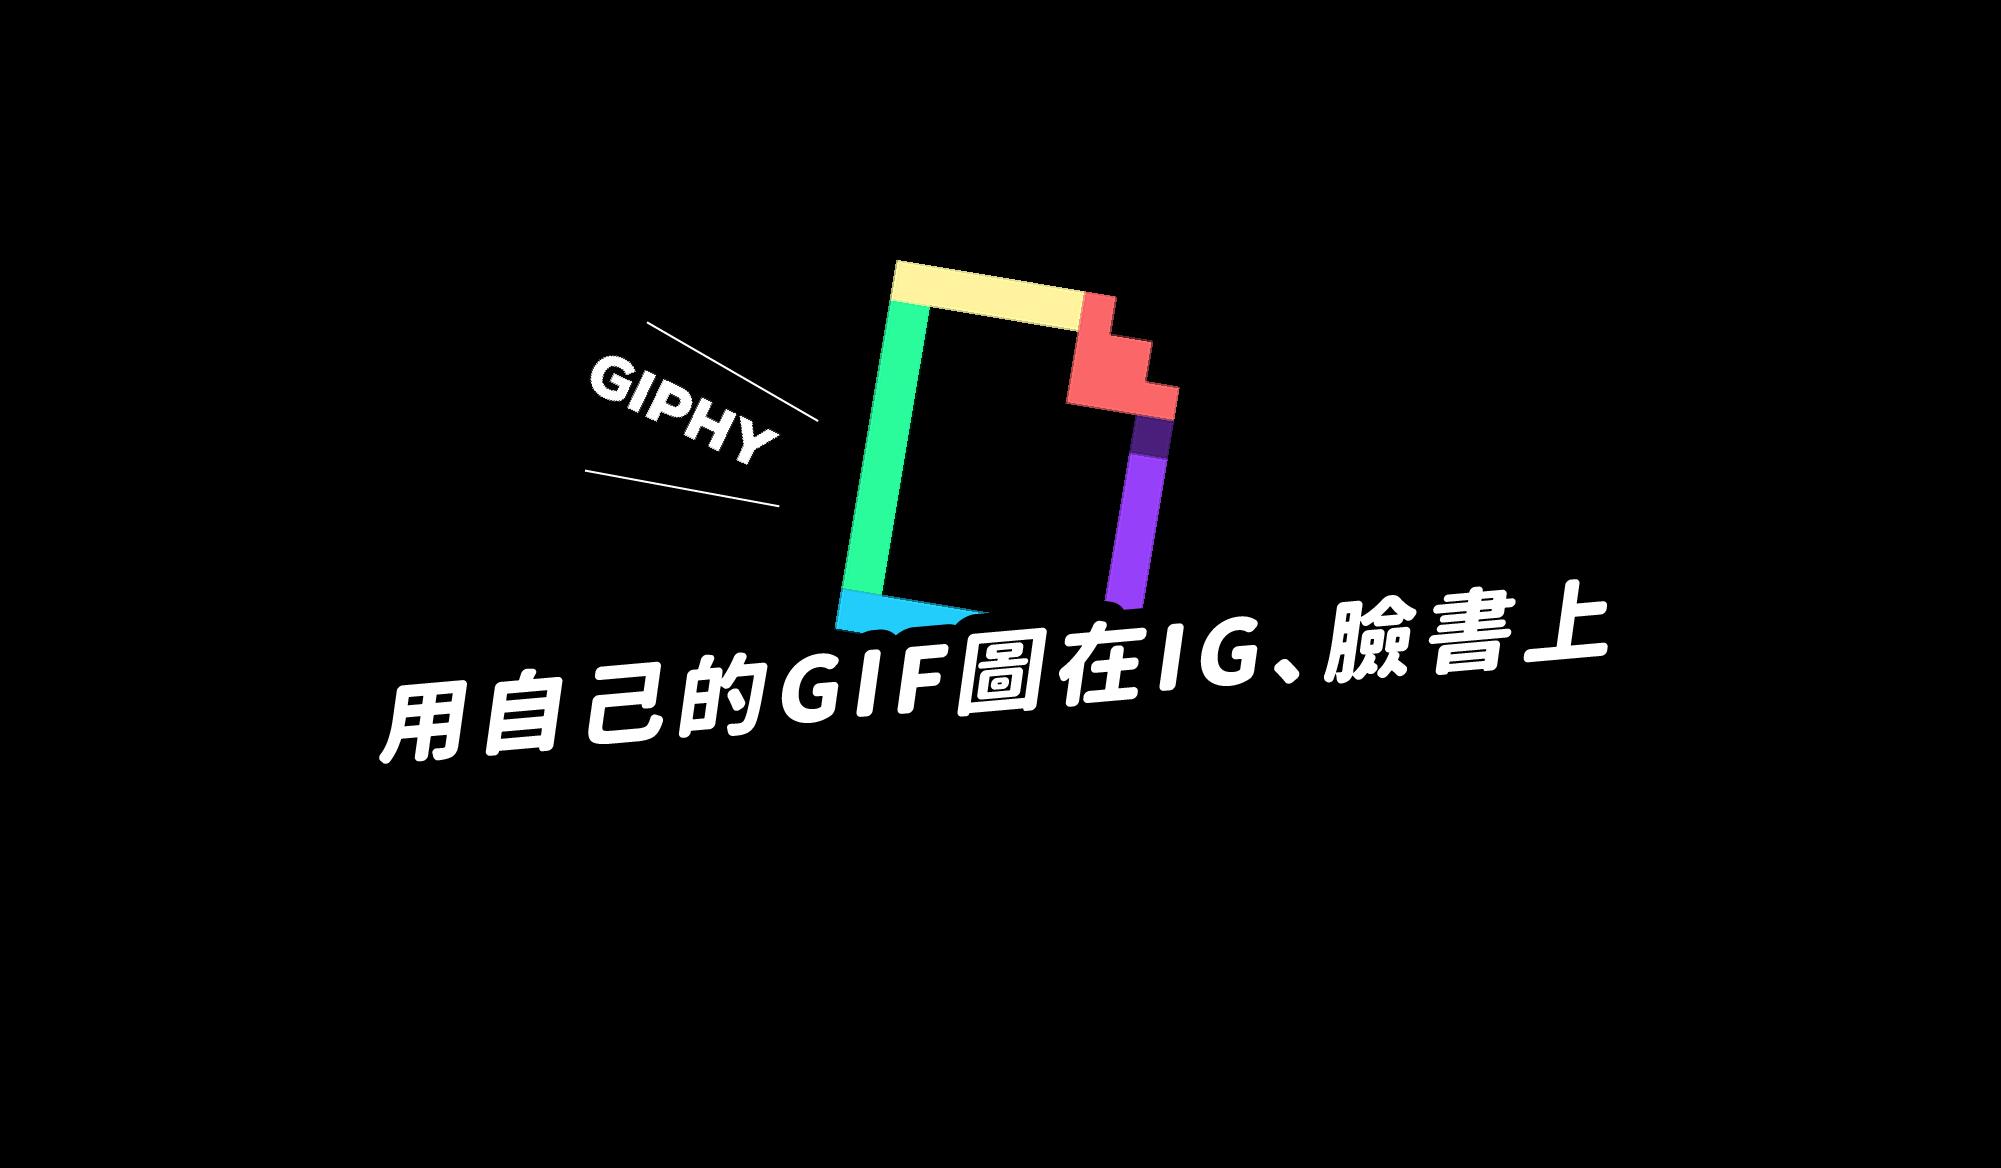 分享、製作,用自己的GIF圖在IG、臉書上